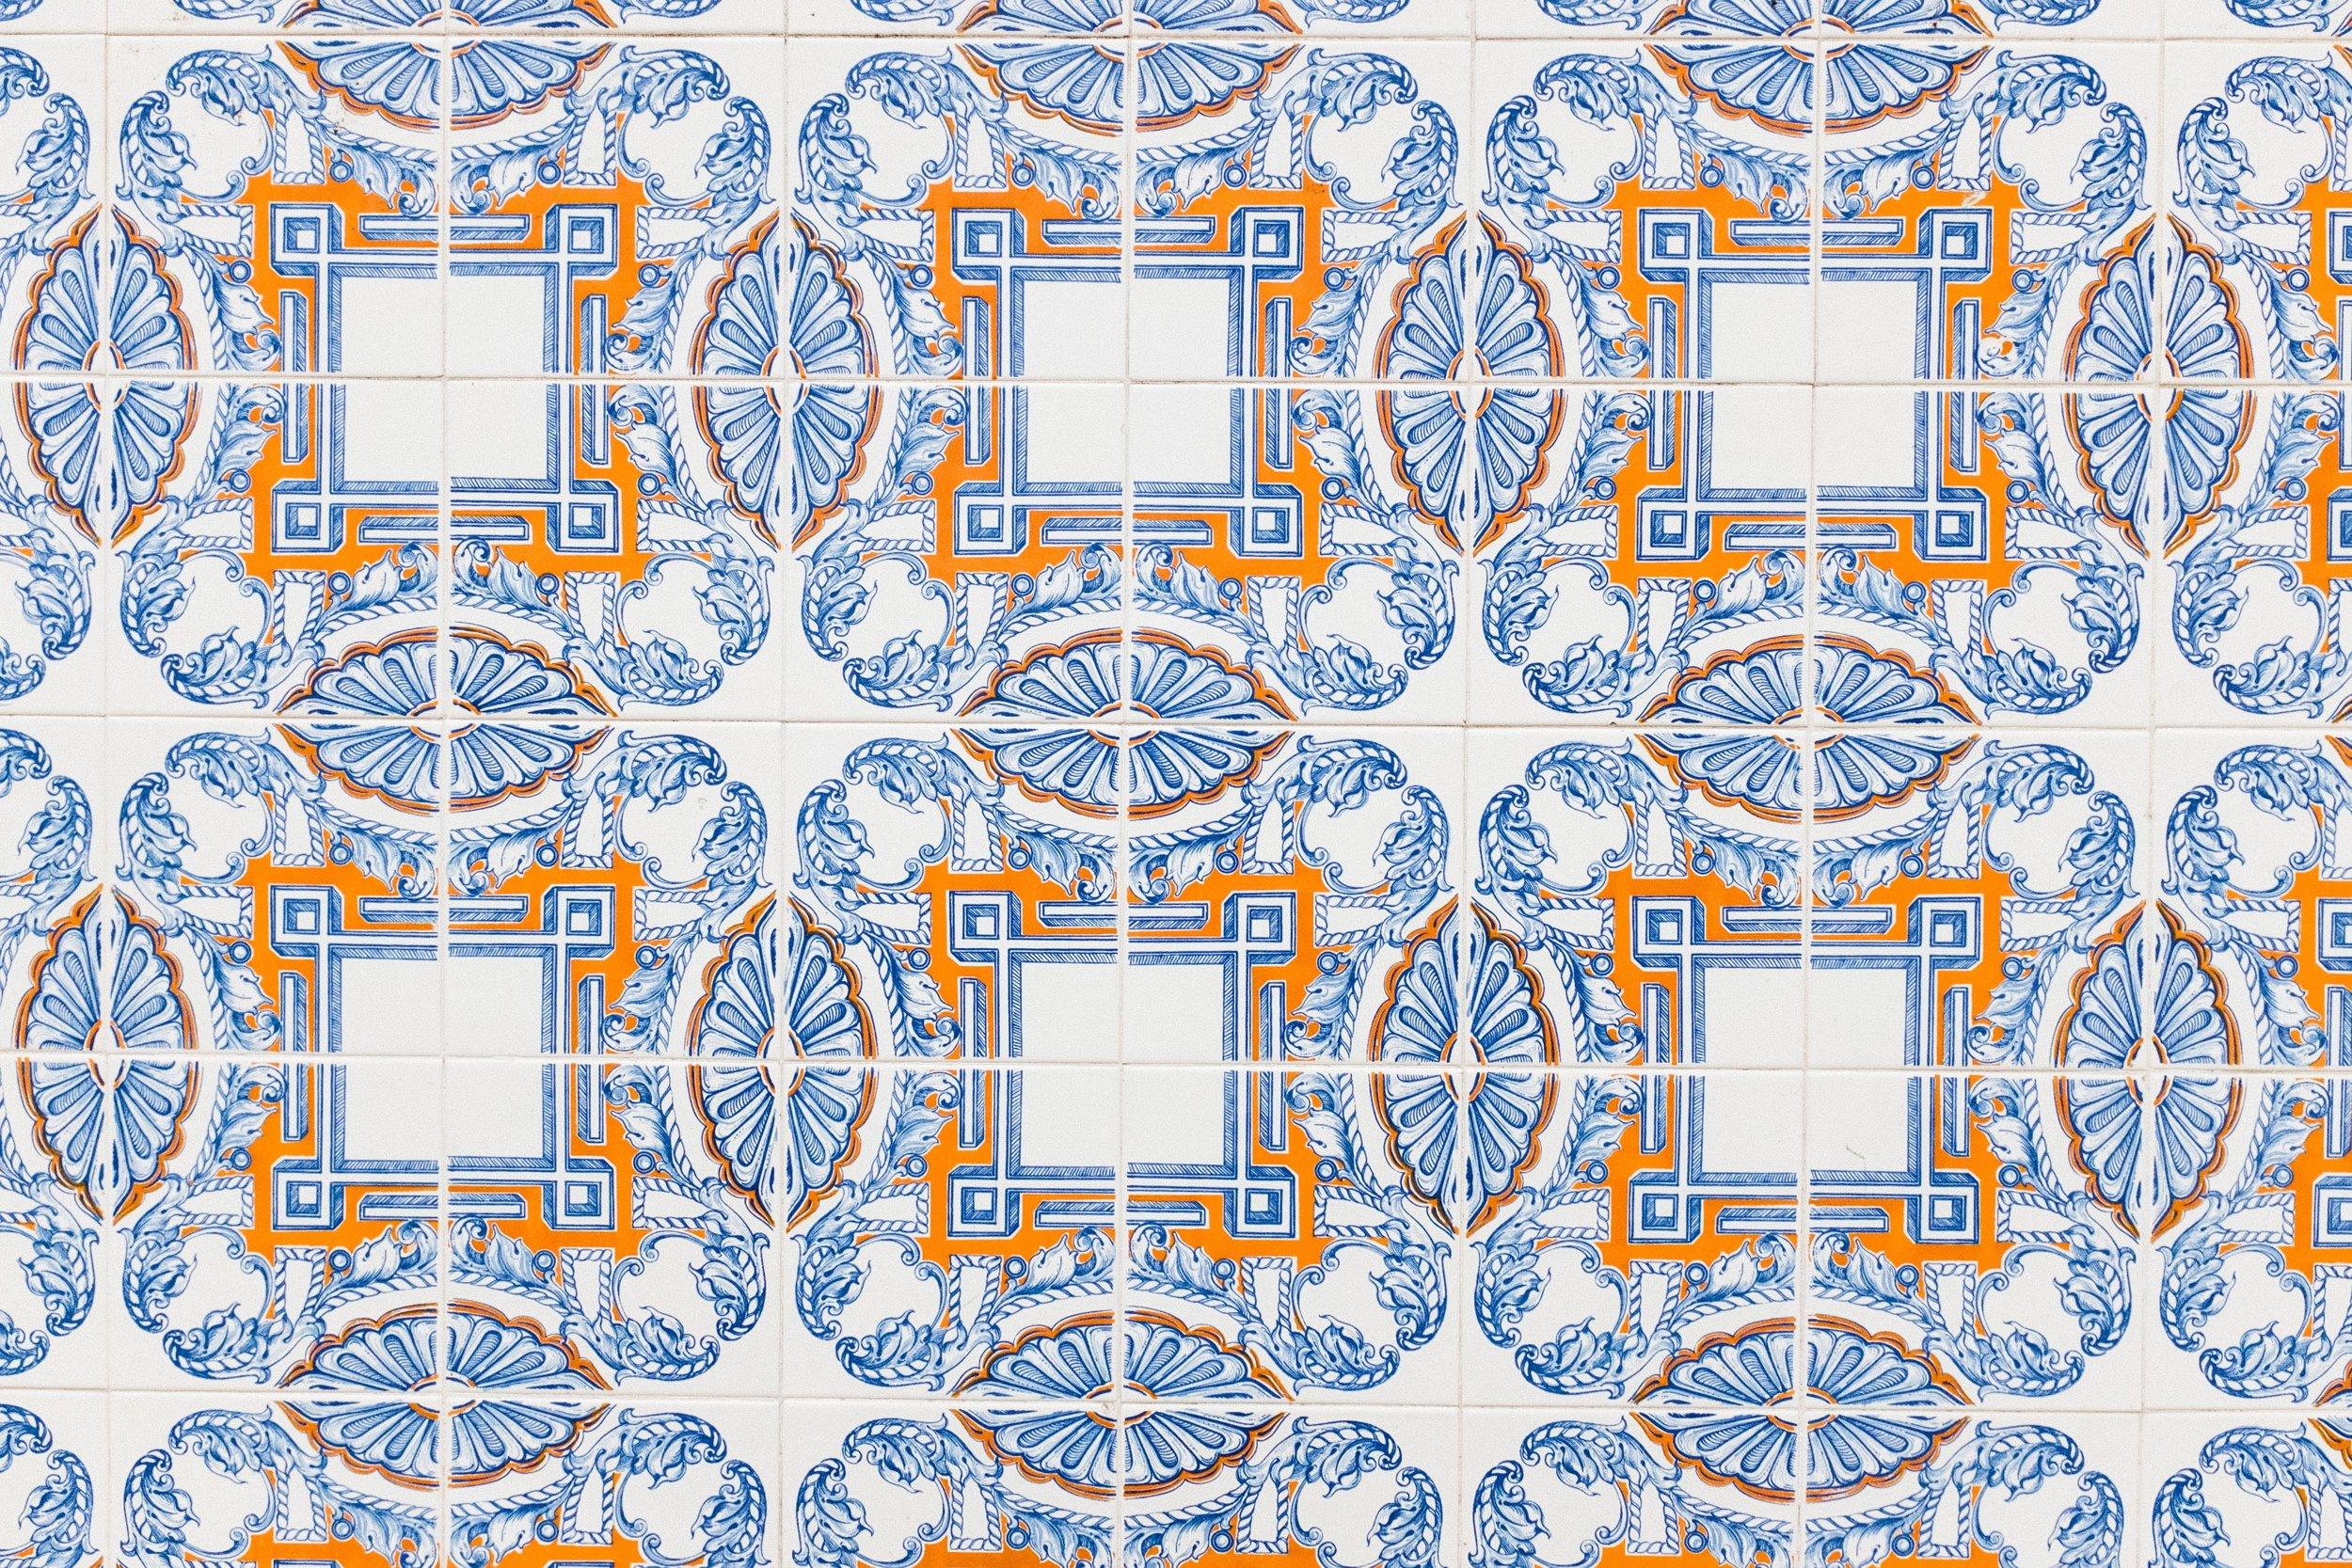 lisbon-portugal-azulejos-tiles-blue-orange-white